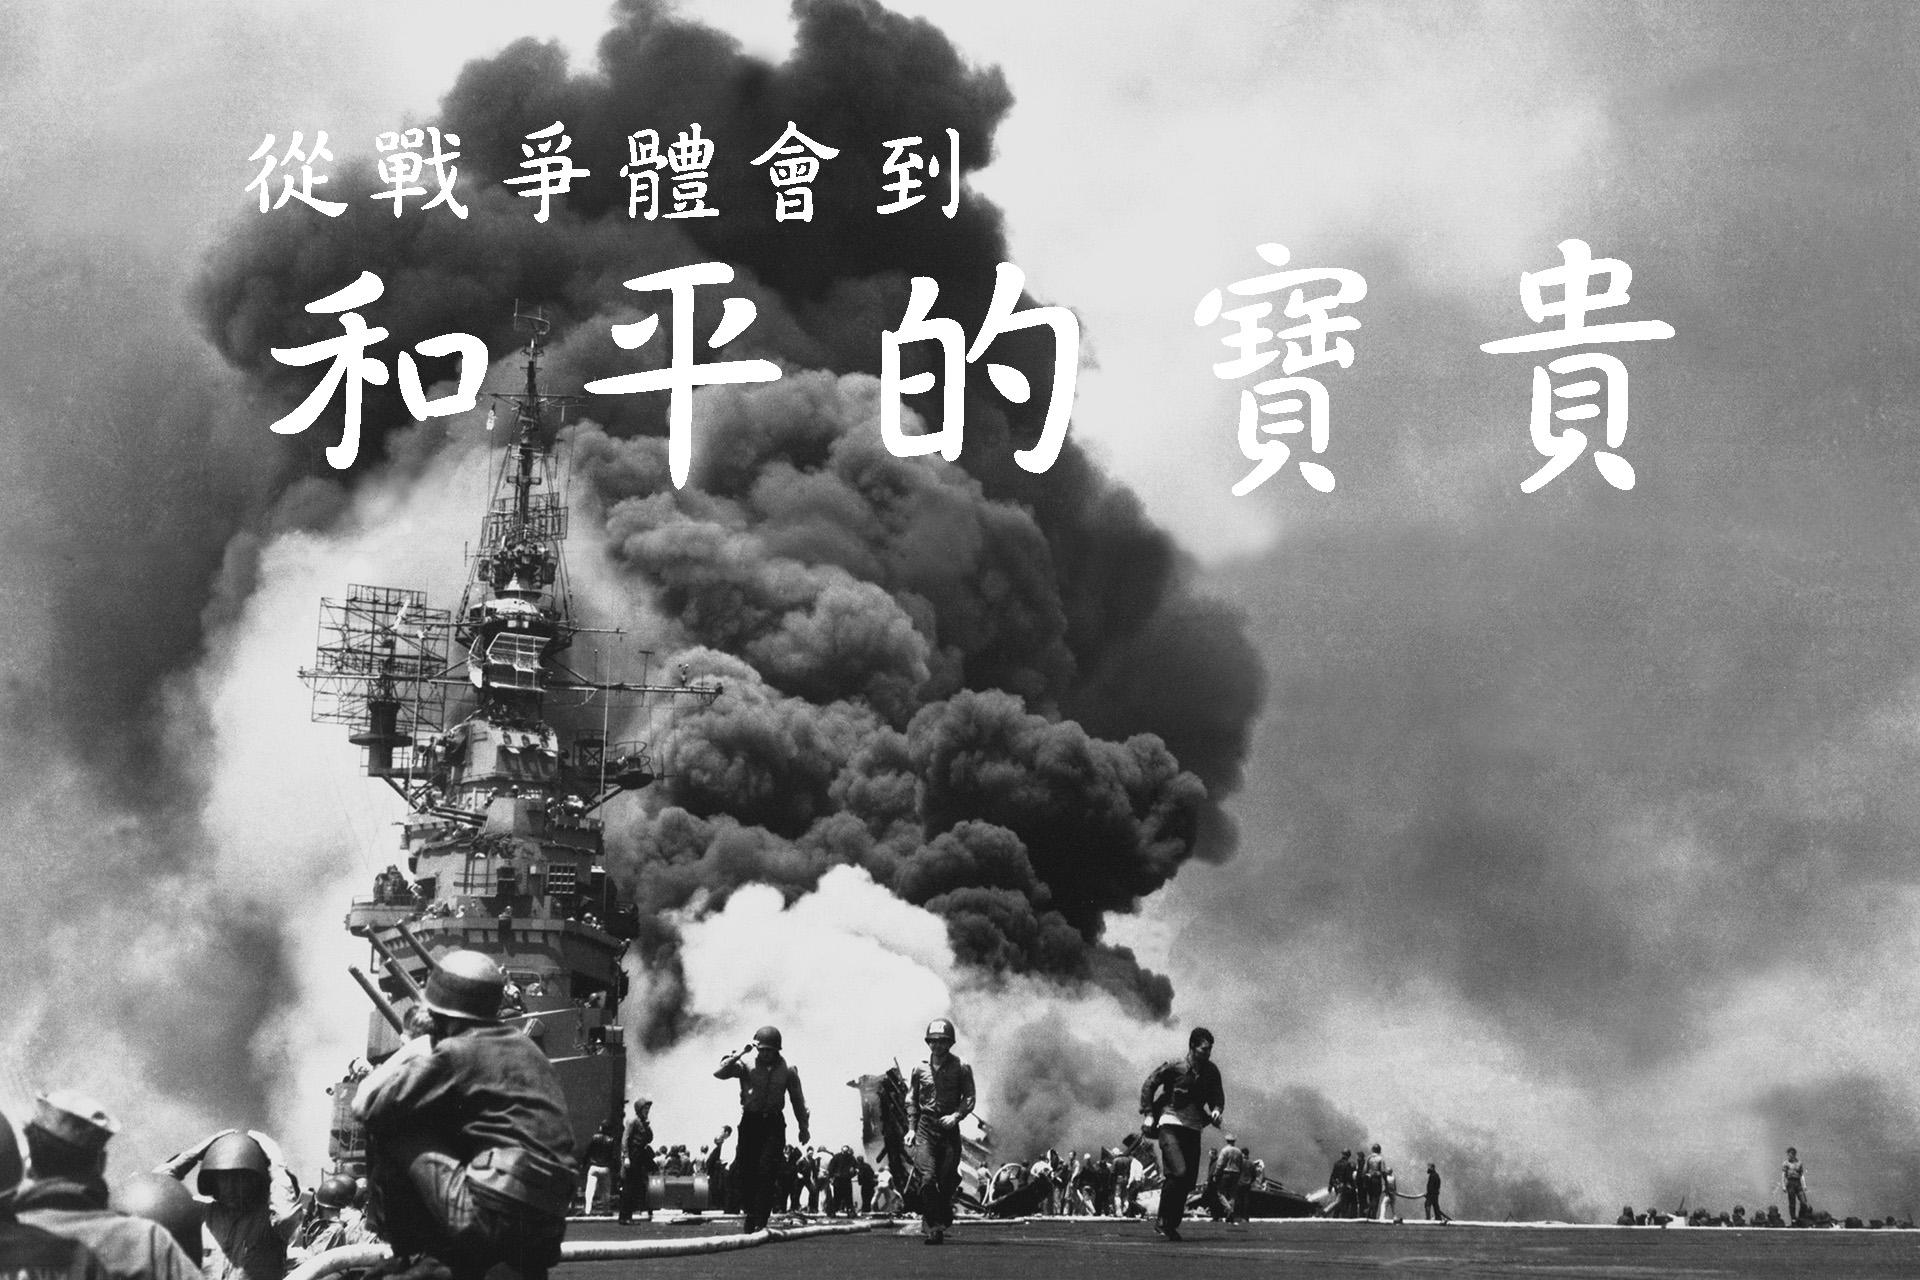 從戰爭中體會到和平的寶貴:麵包超人與越戰牧師